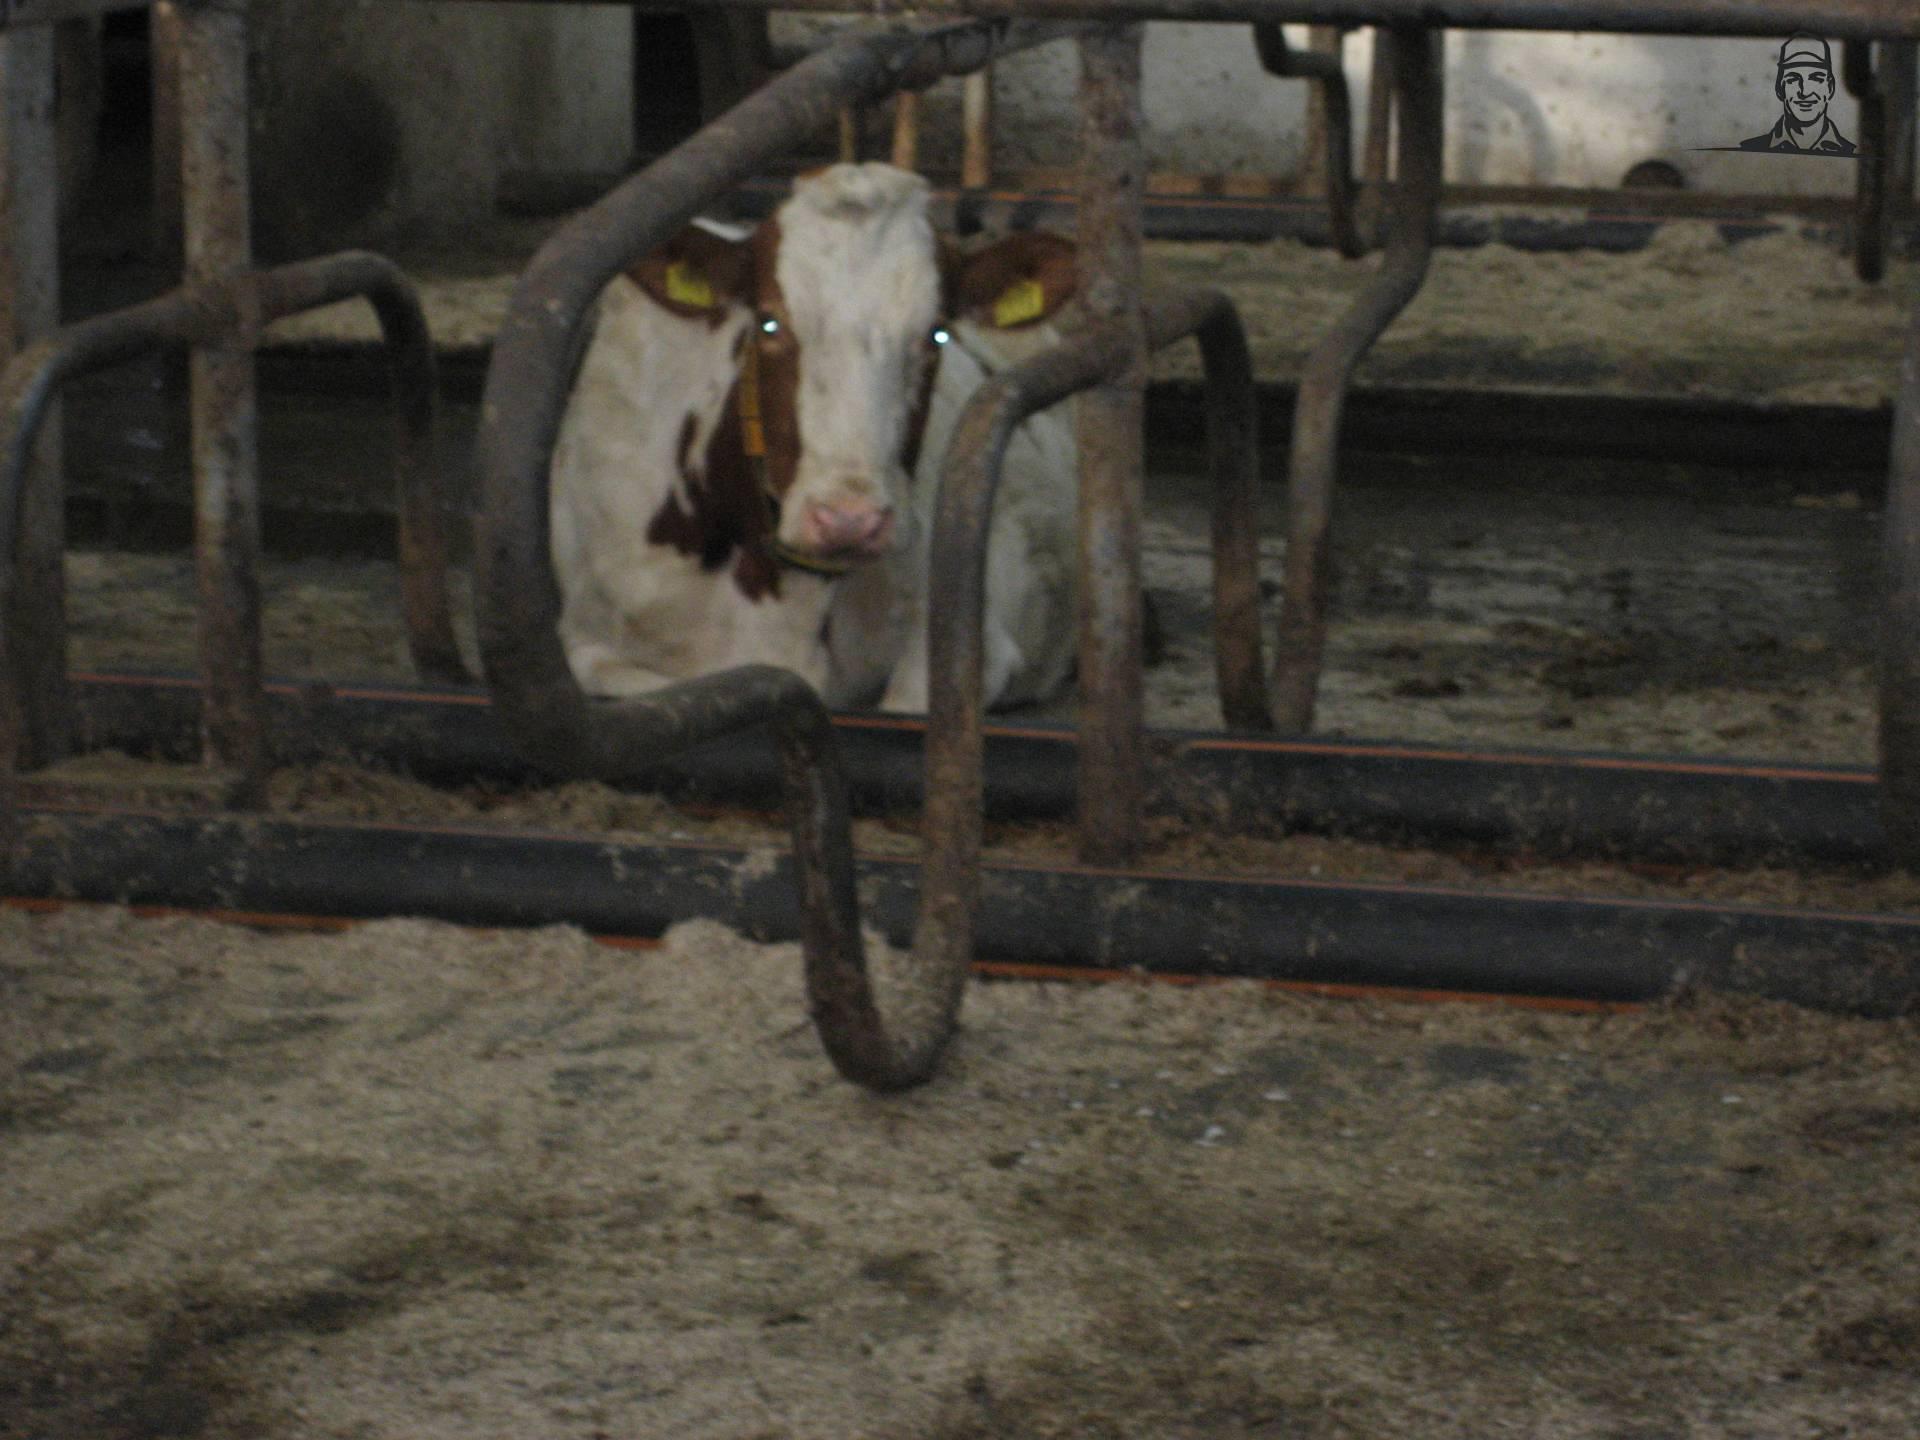 Koe van Valtraboerties